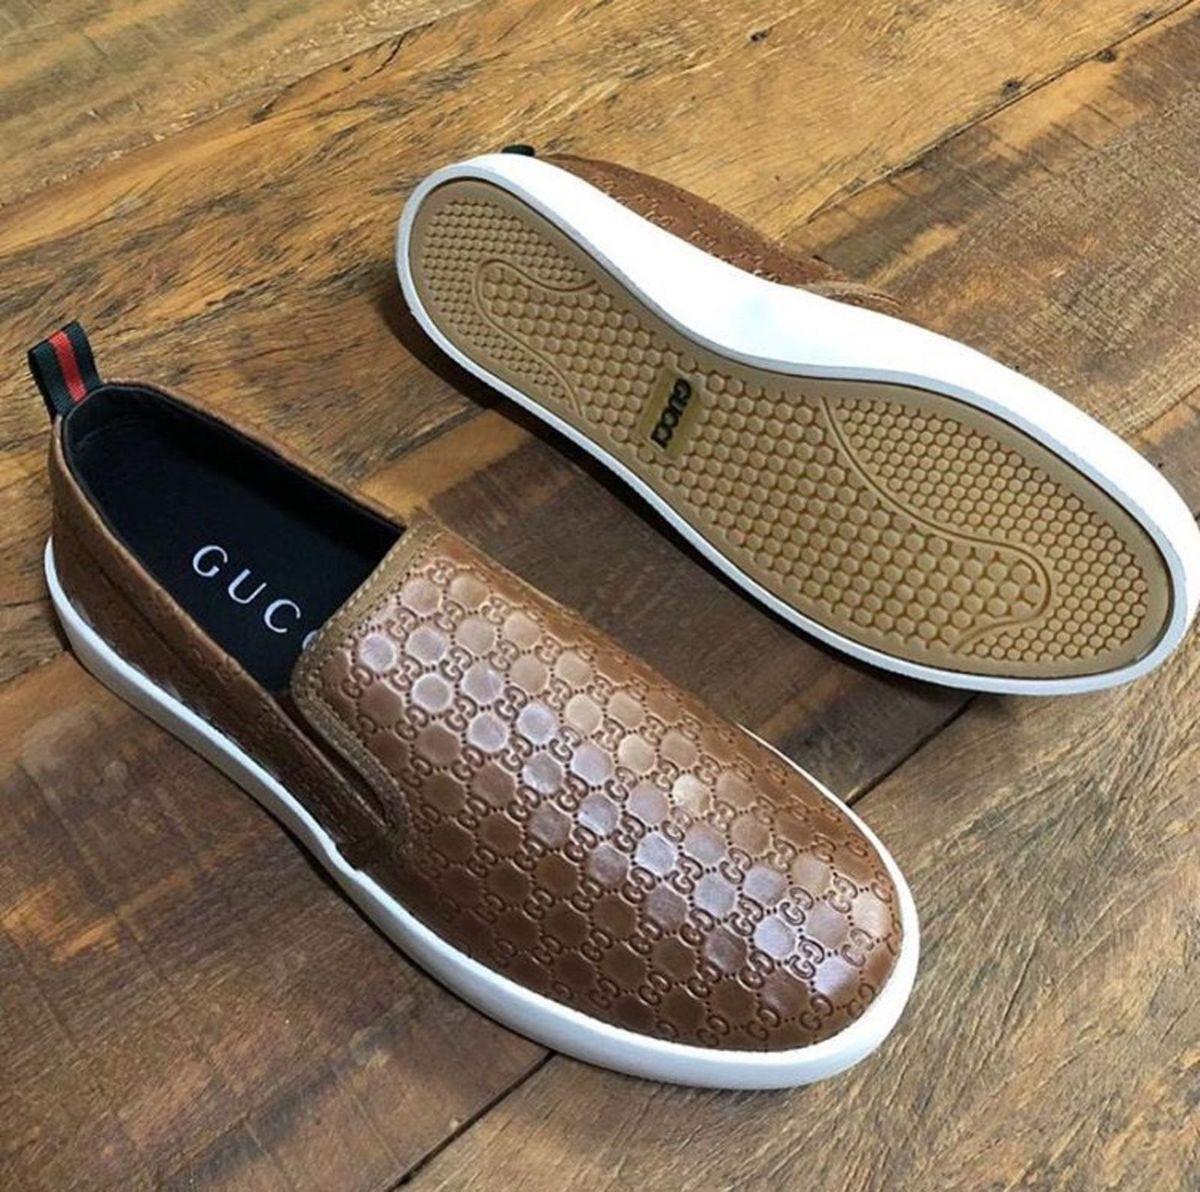 b00b1e3ff mocassim masculino slip on iate gucci castor símbolos - sapatos gucci